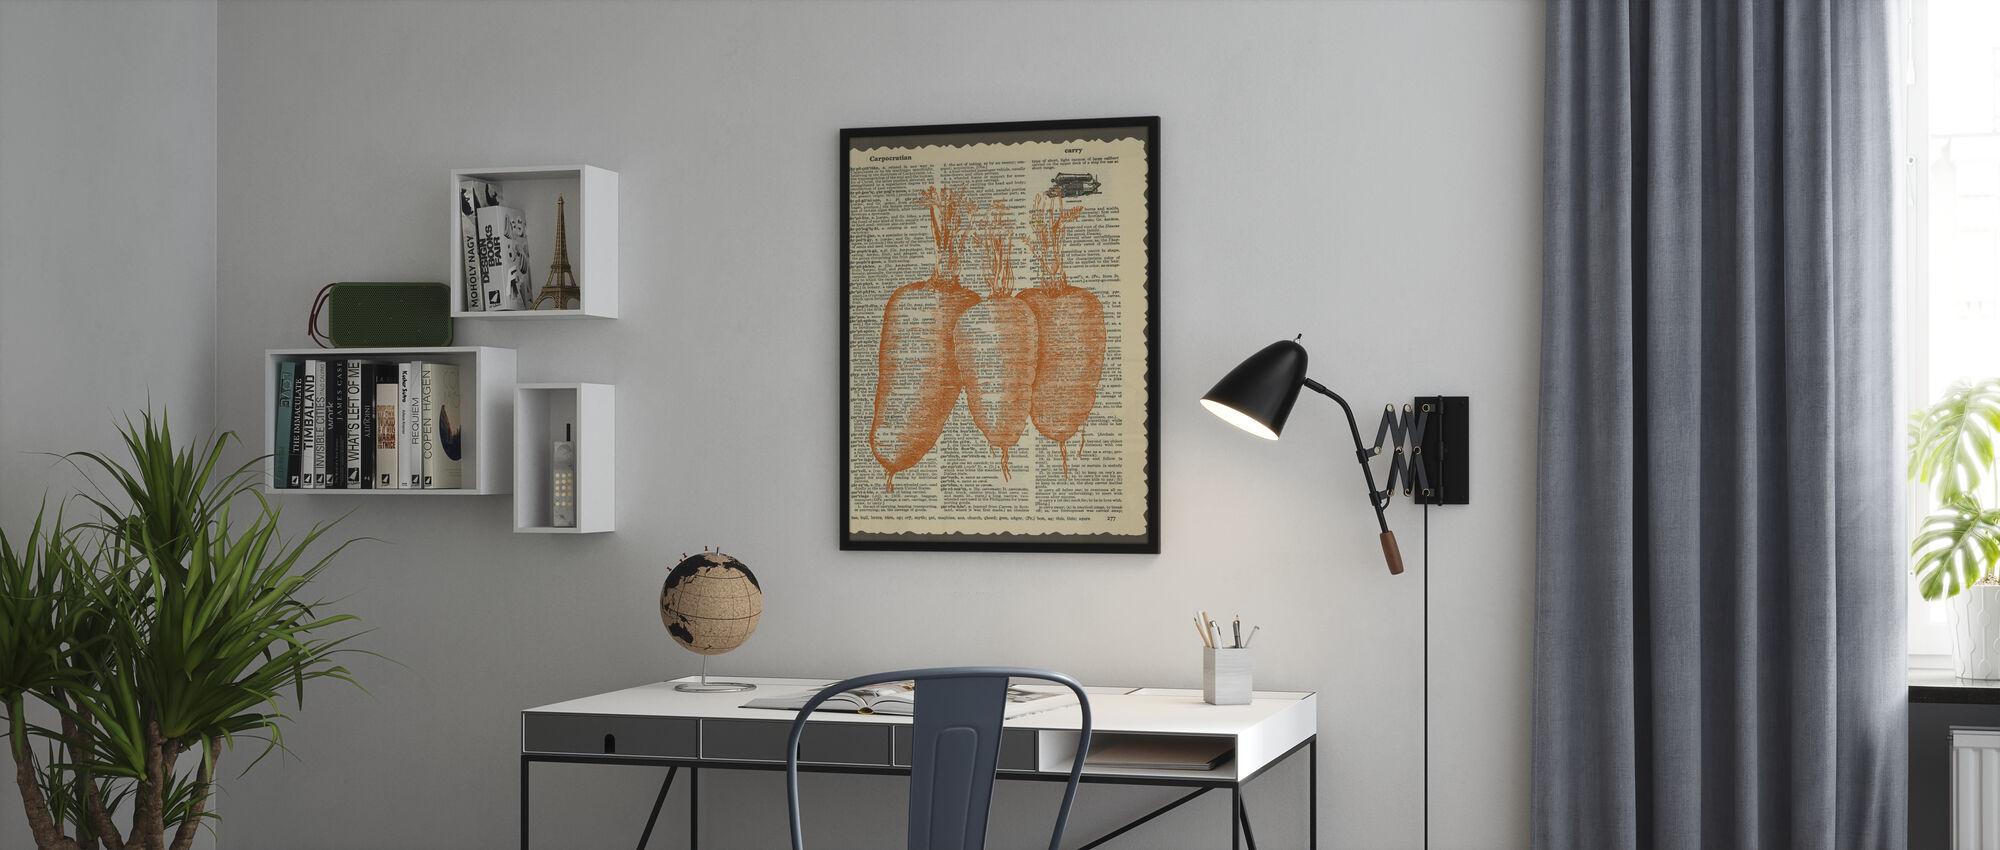 Wortelen en Tekst - Ingelijste print - Kantoor